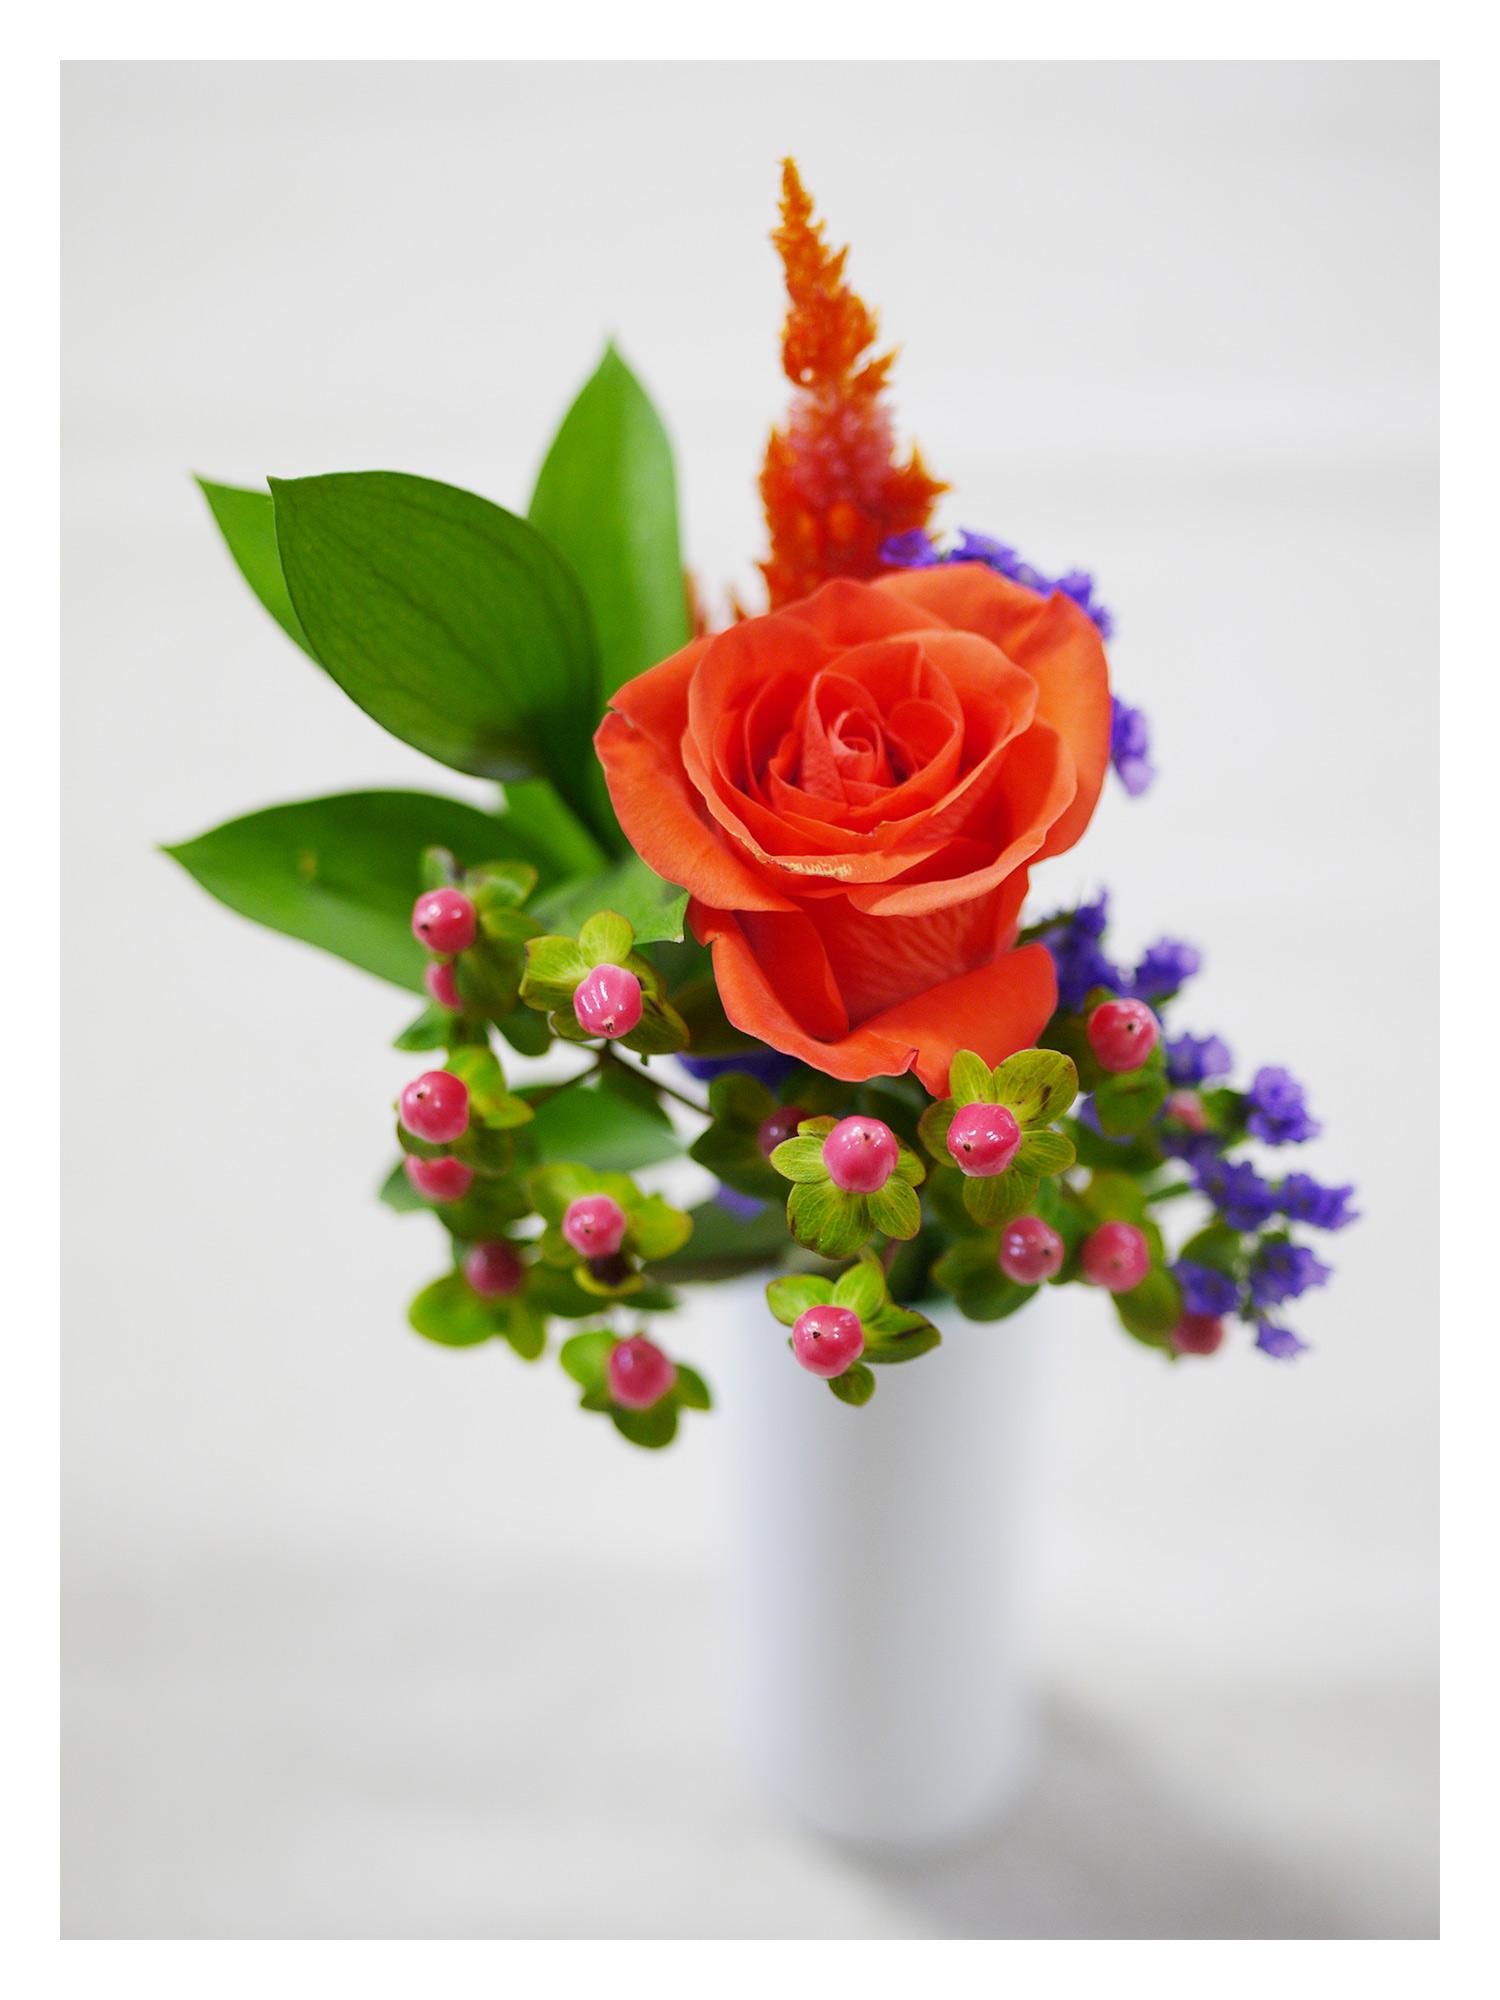 BloomeeLIFE(ブルーミーライフ)800円コース 四週目のお花